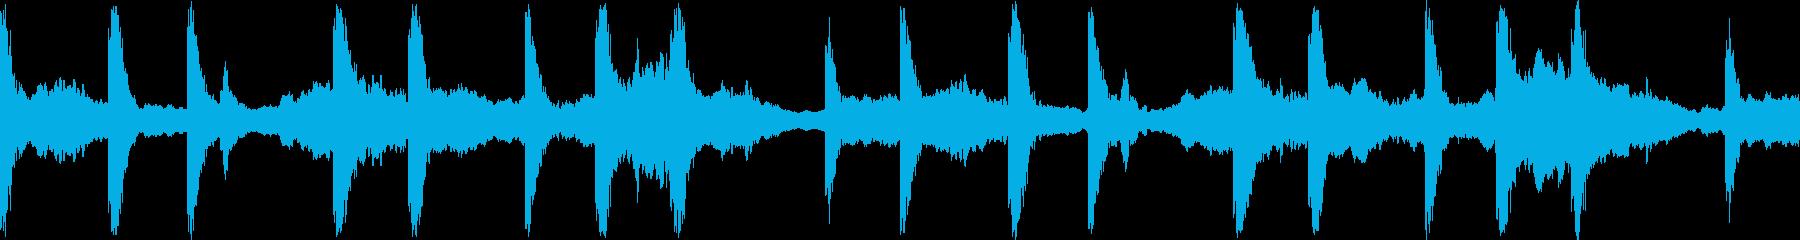 和風 洞窟での儀式の再生済みの波形